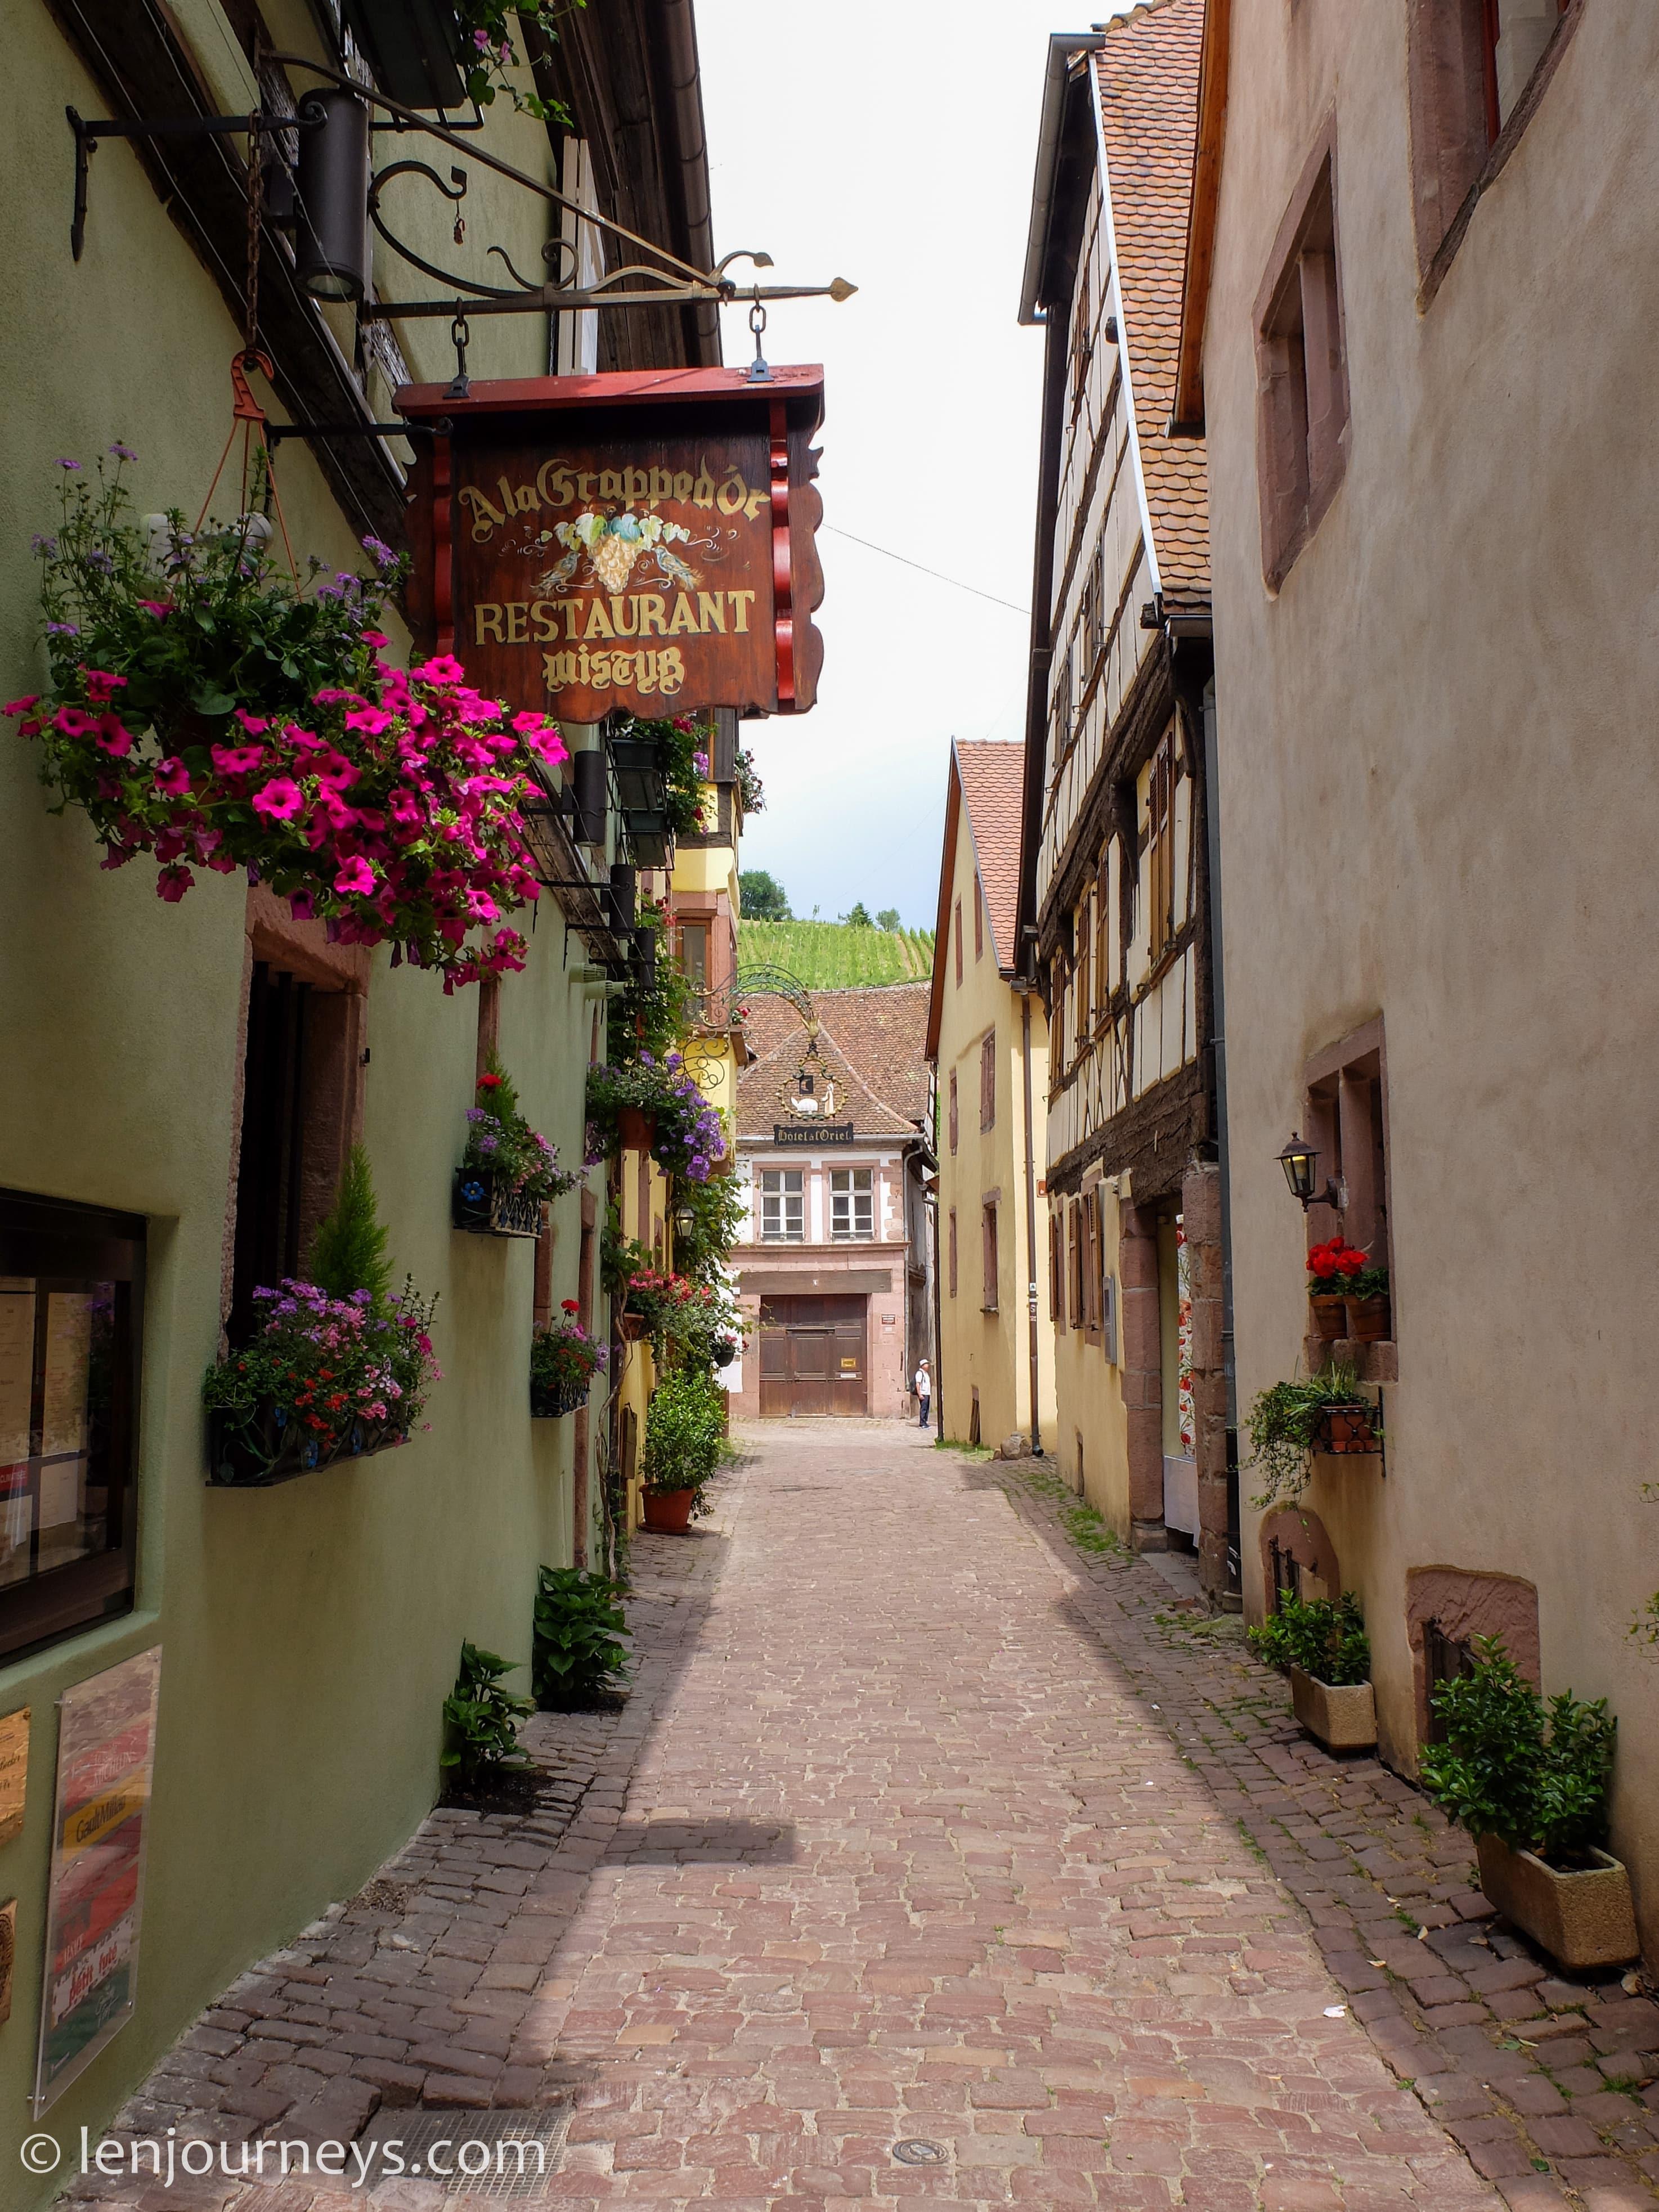 Alley in Riquewihr